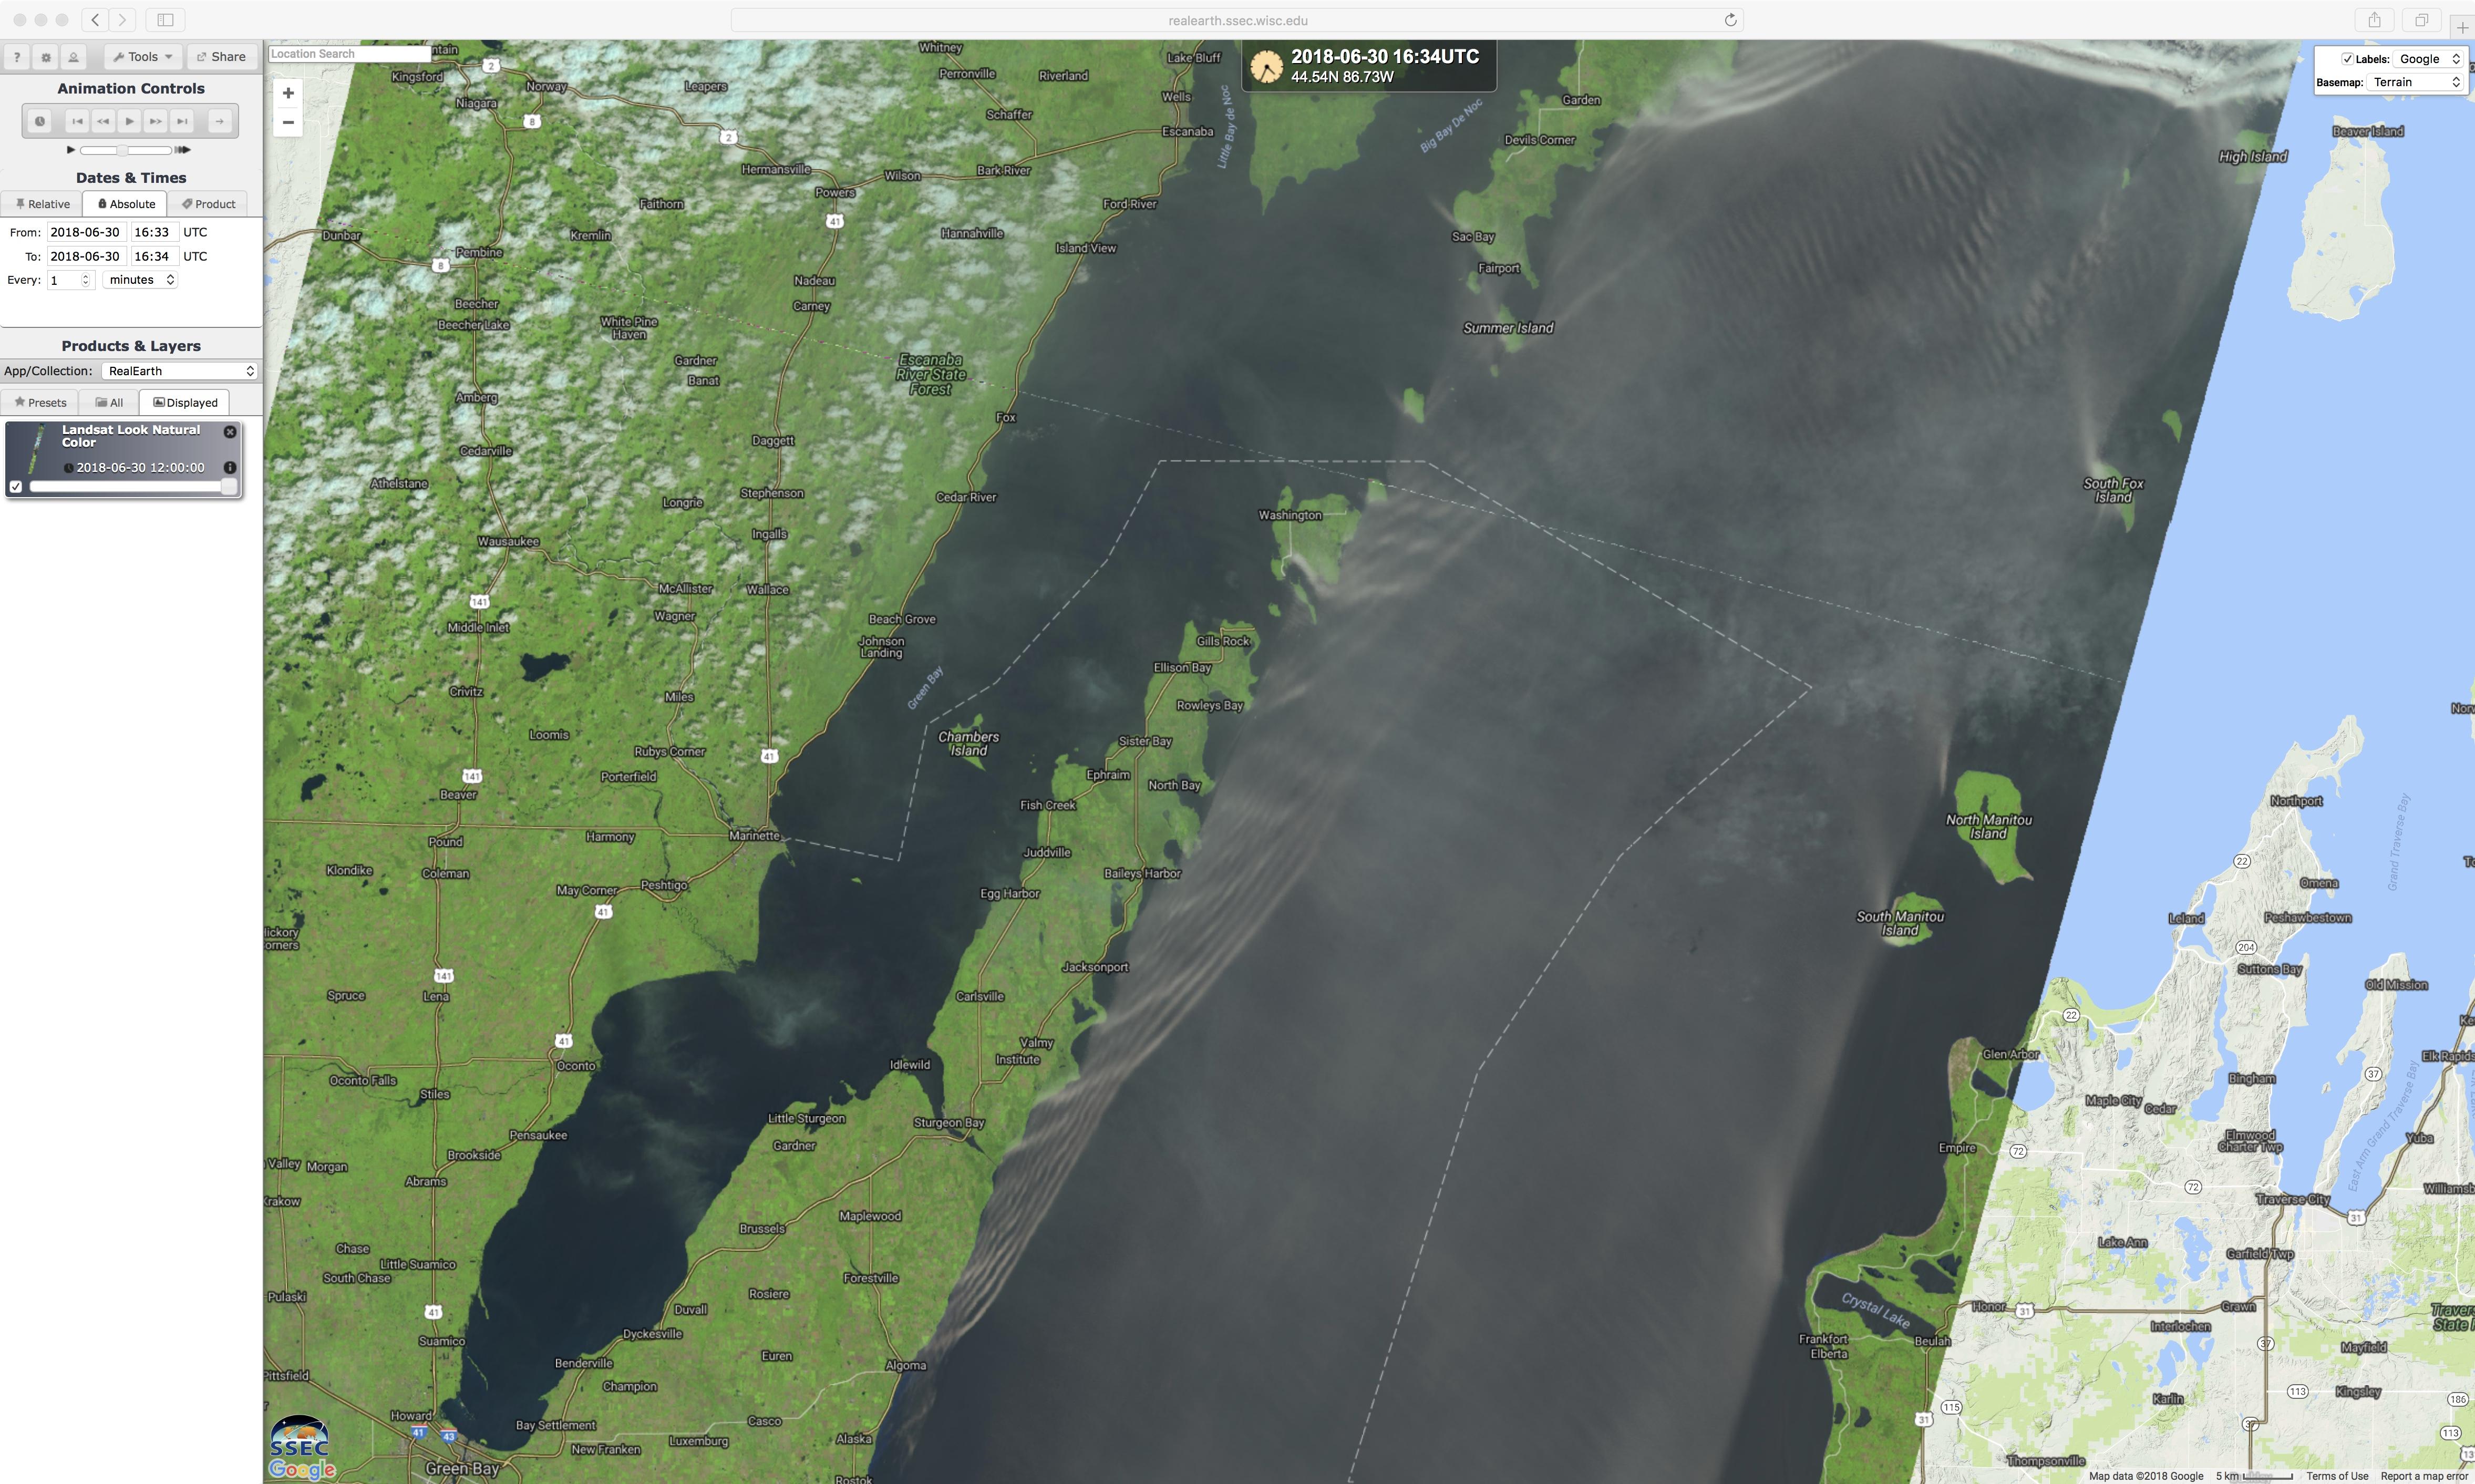 Landsat-8 false-color RGB image [click to enlarge]